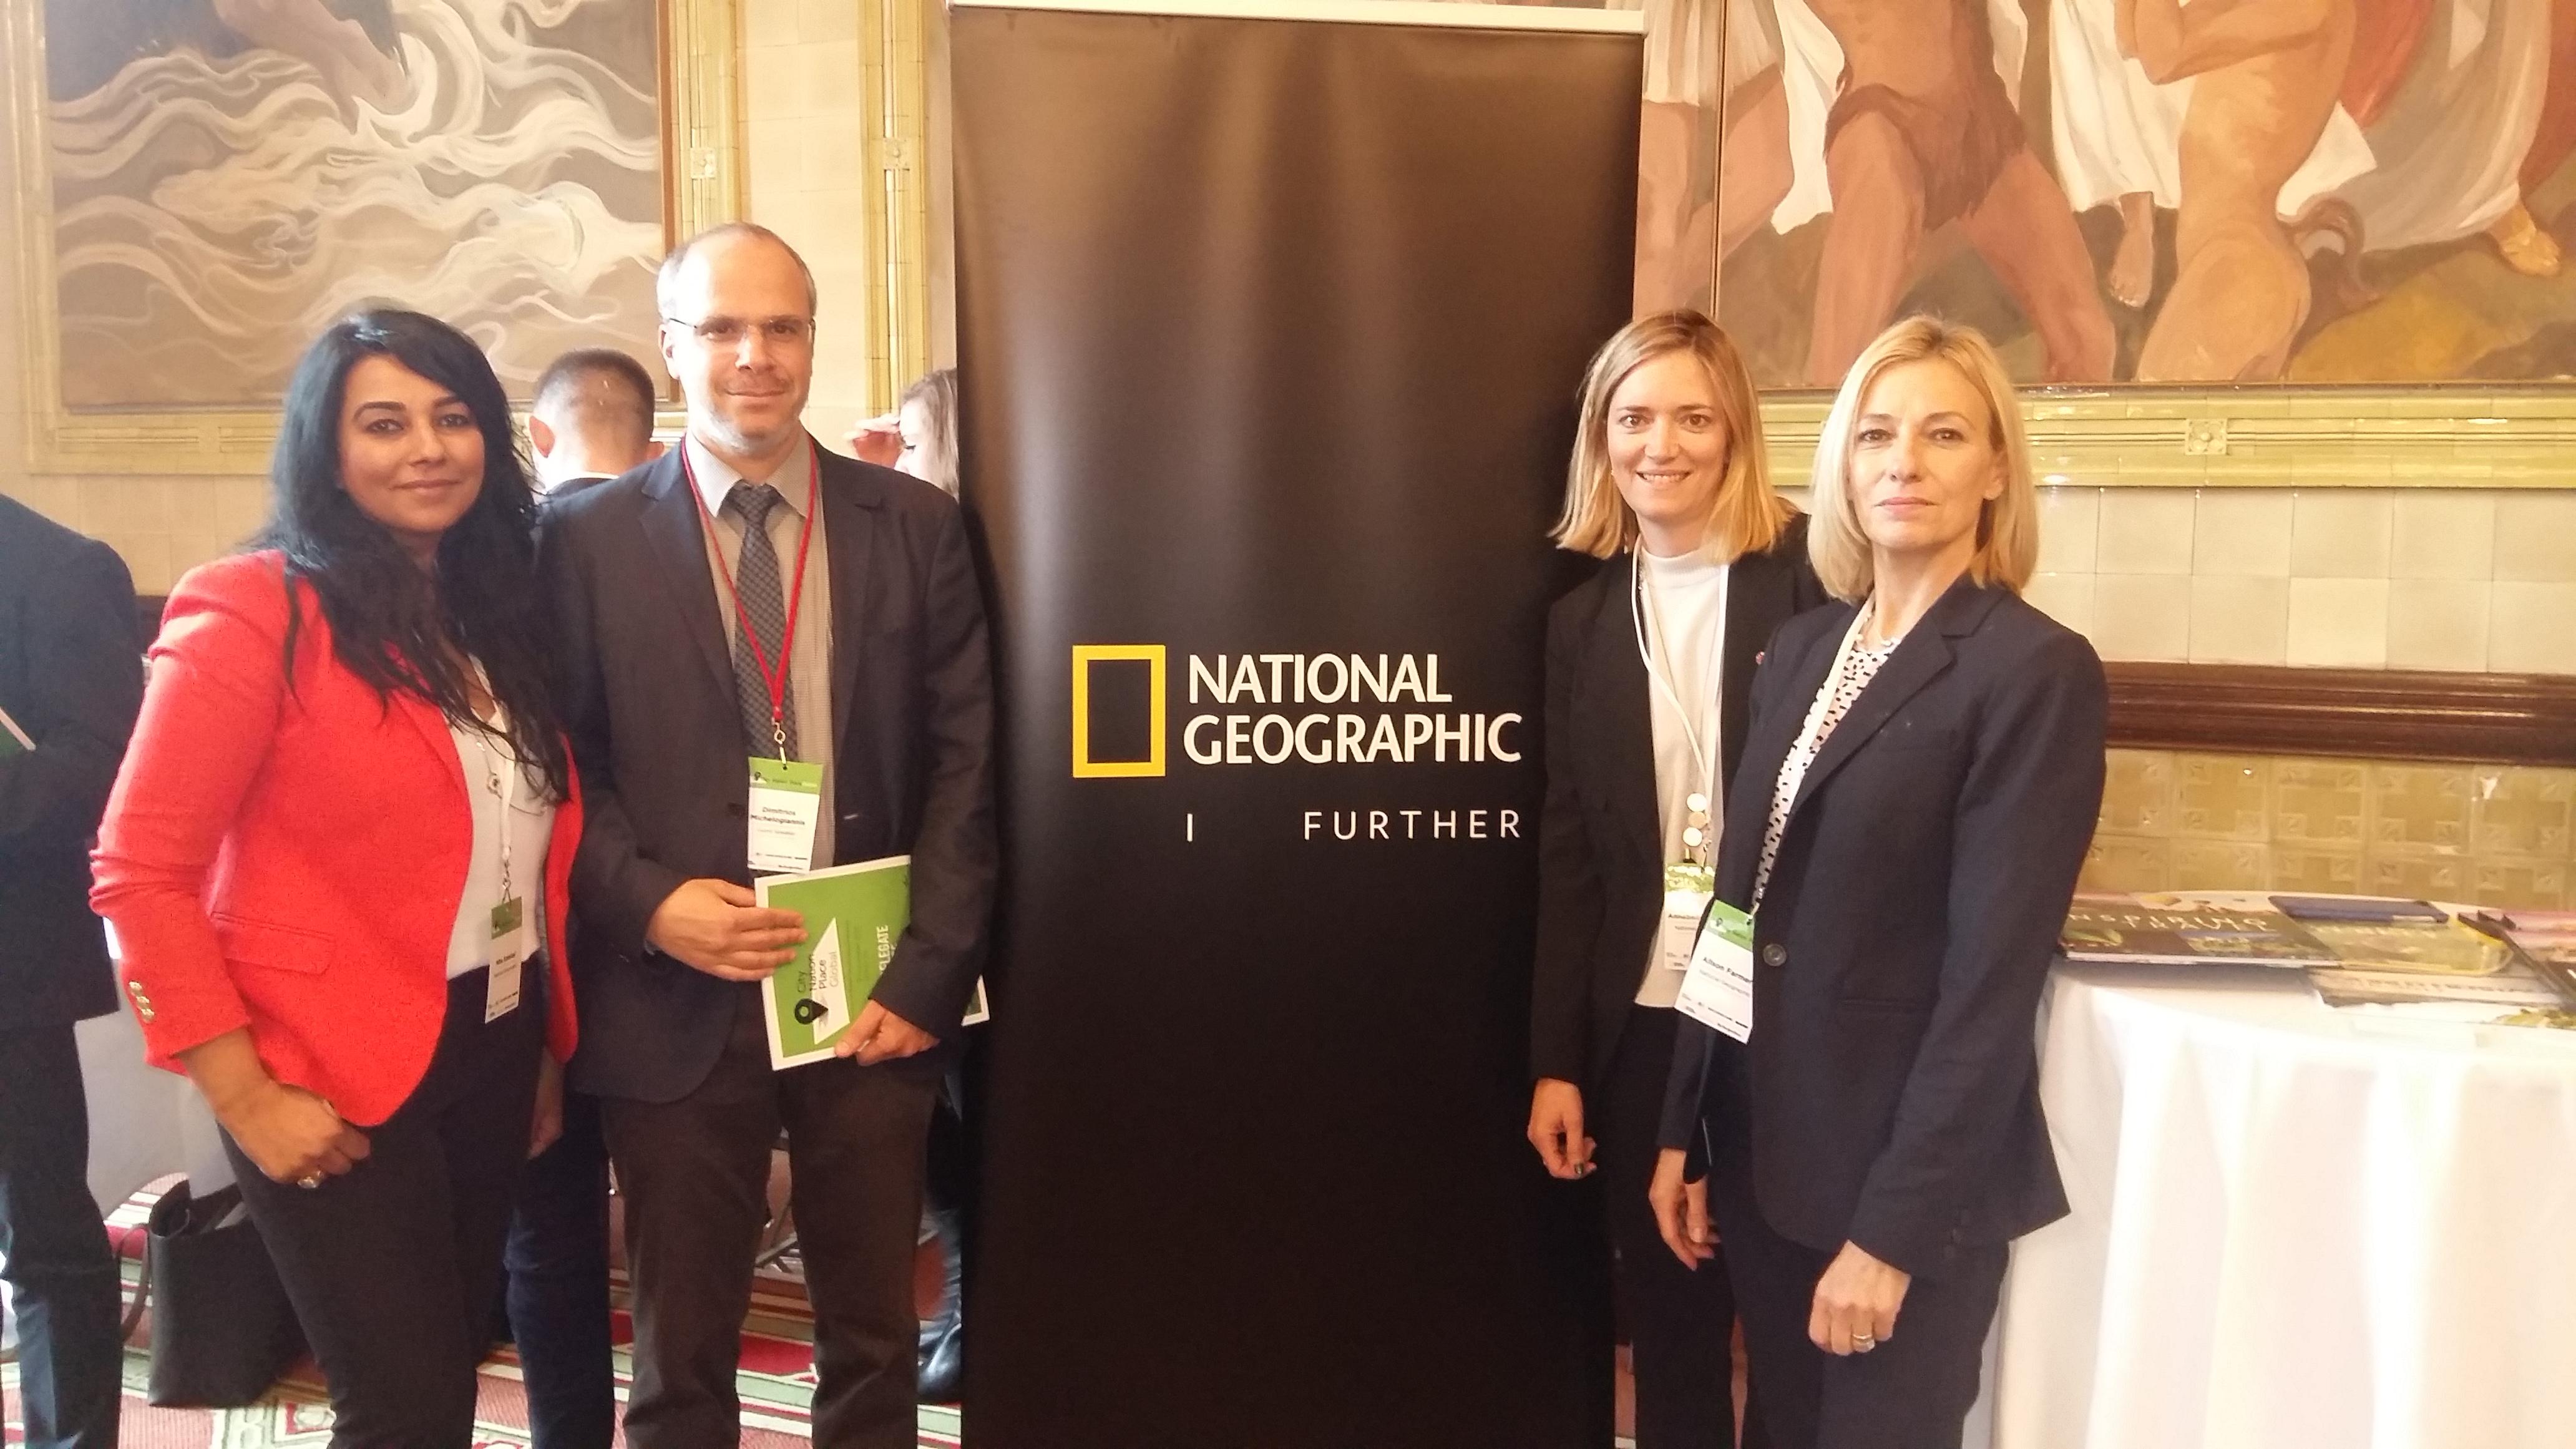 Συνεργασία Περιφέρειας Κρήτης, UNESCO και National Geographic- Εγινε η παρουσίαση της (pics)